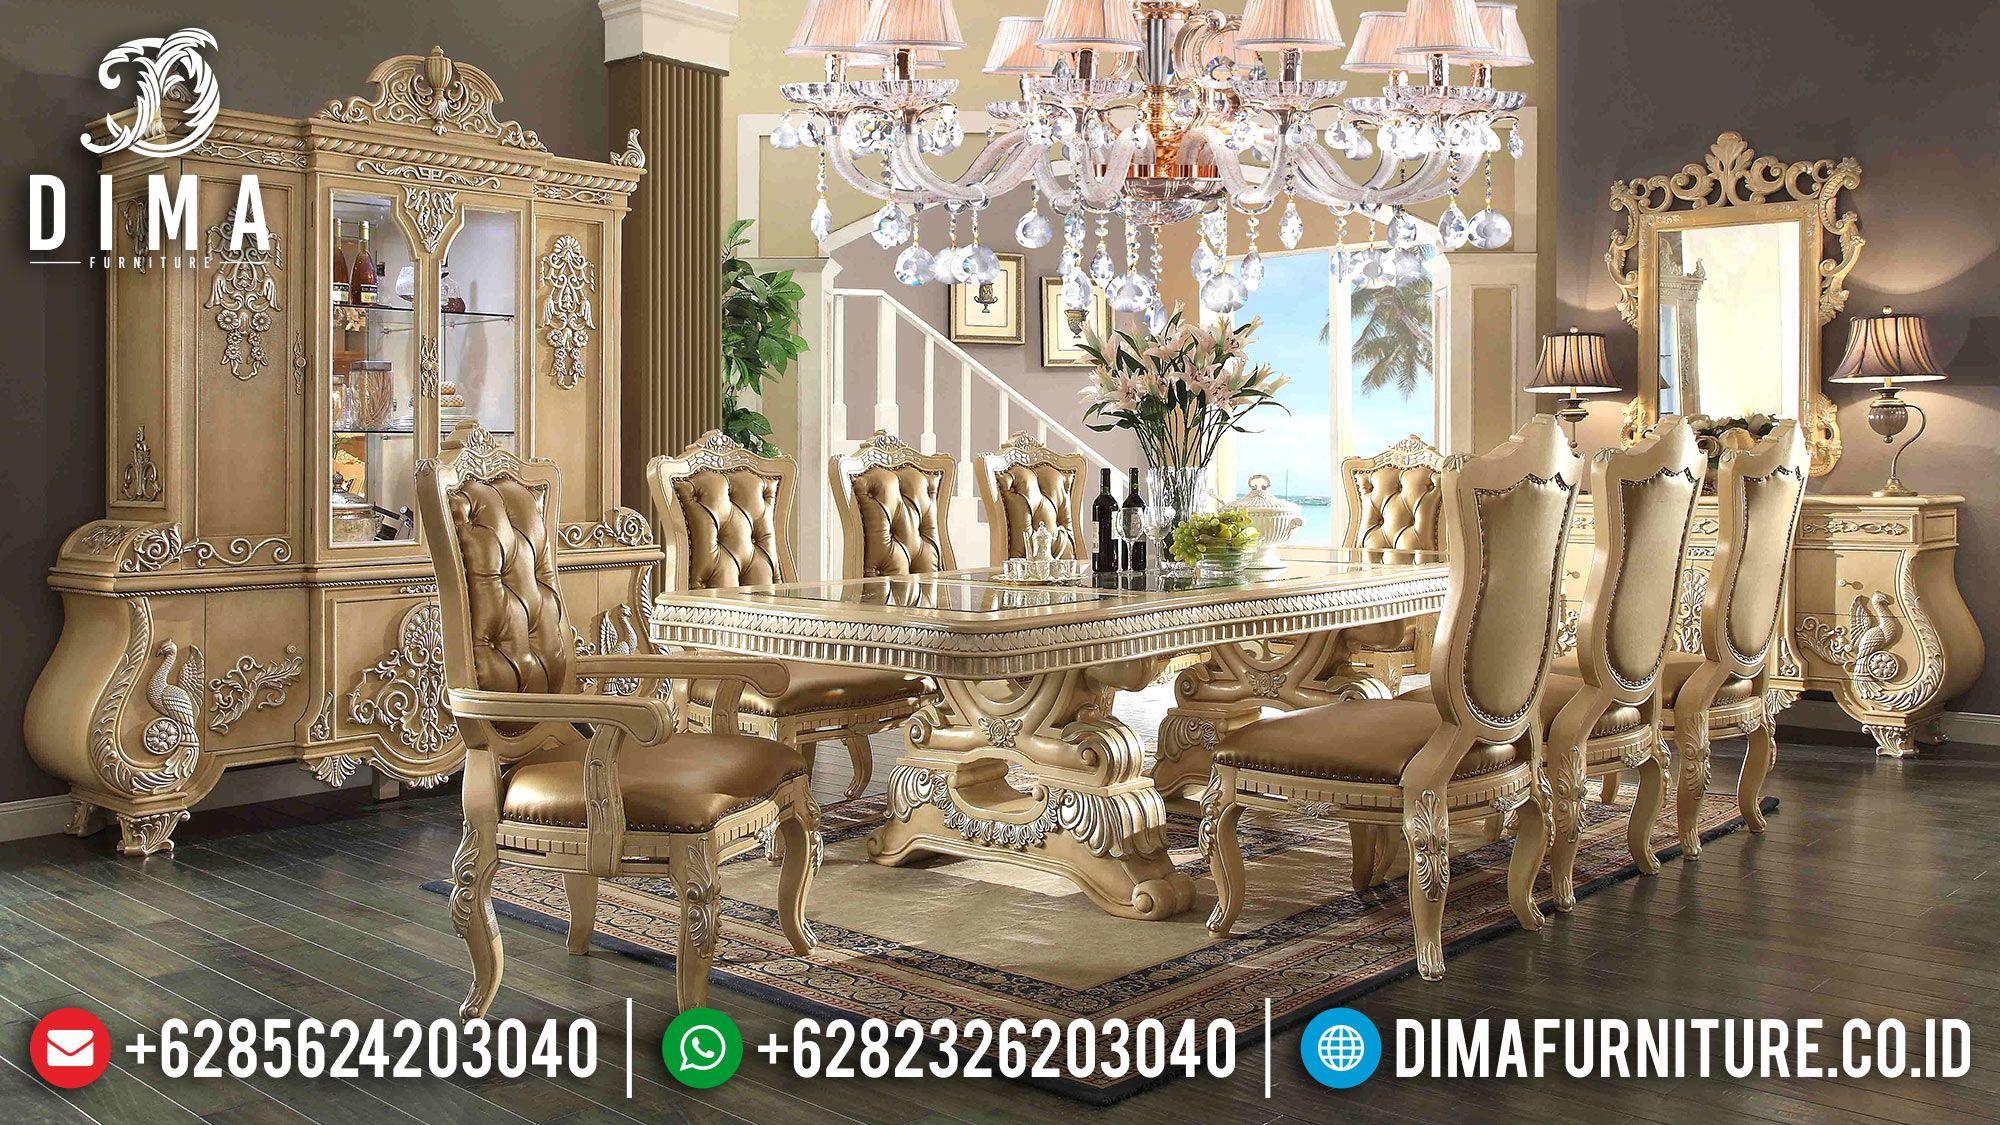 Meja Makan Mewah Jepara Ukiran Klasik Terbaru Eropa Cat Duco Ivory St 0520 Set Ruang Makan Meja Makan Set Meja Makan